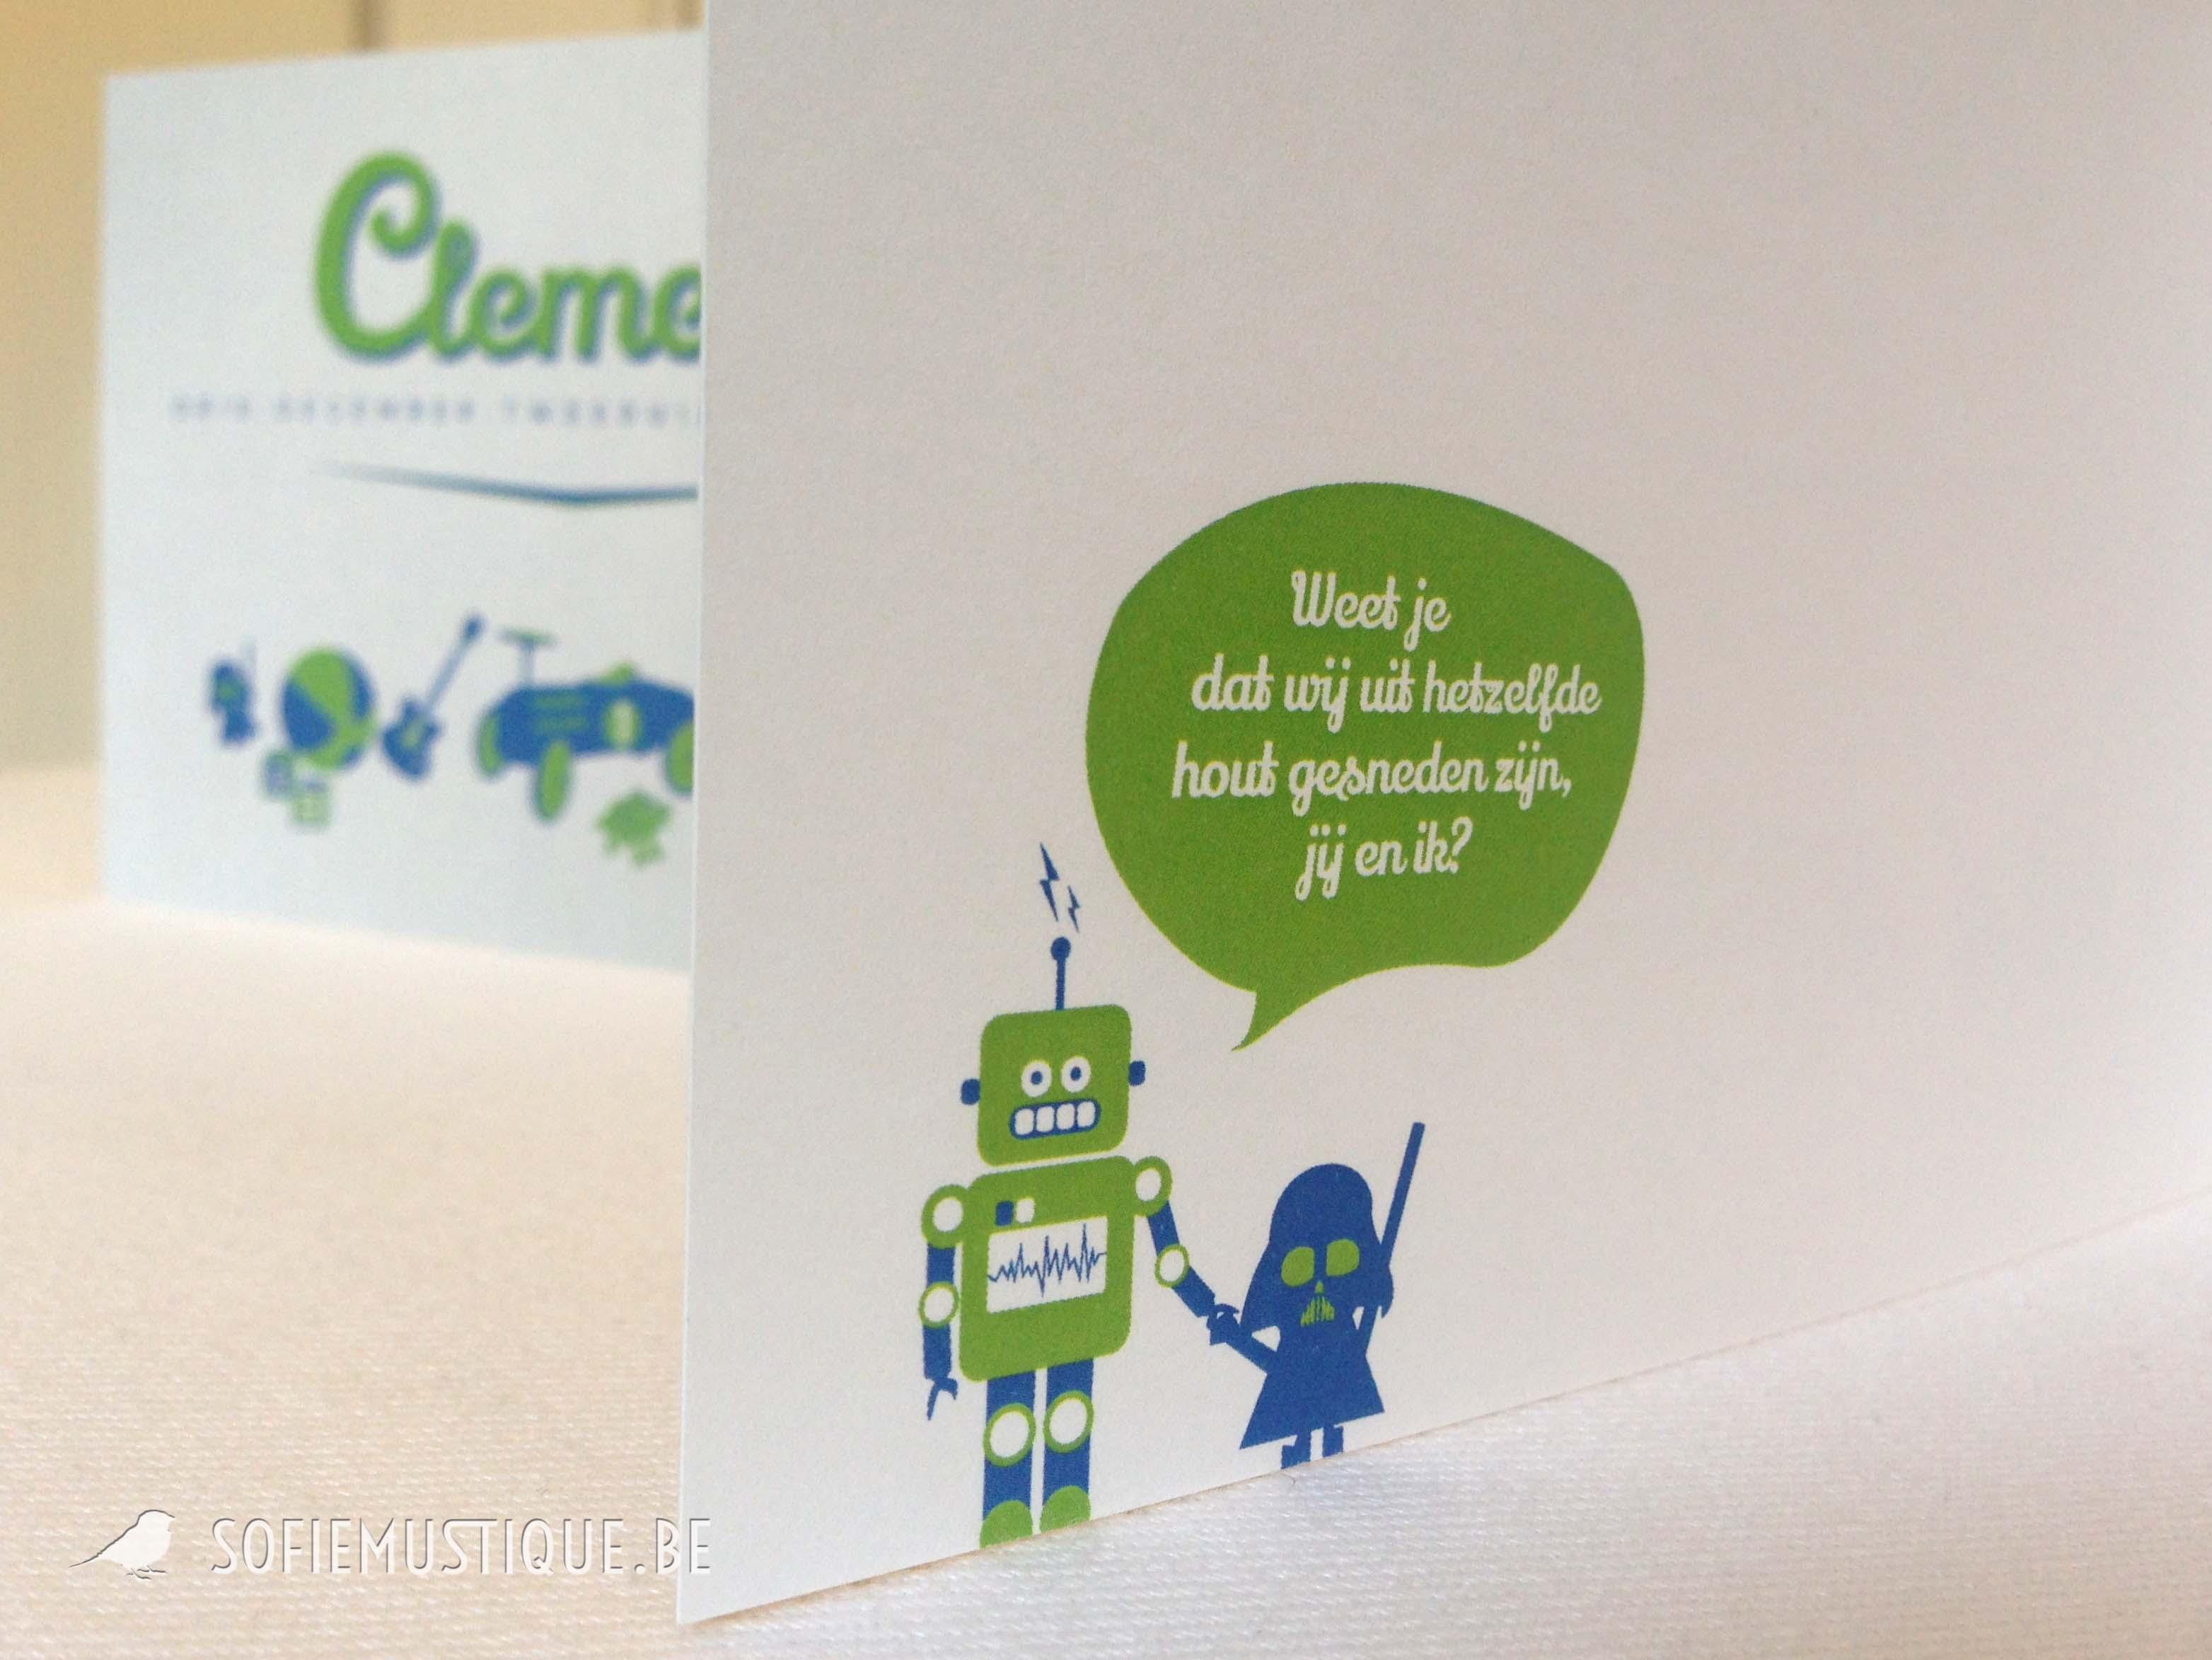 Geboortekaartje Clement blokken, gitaar, beer, robot, dinosaurus, bal, auto, darth vader